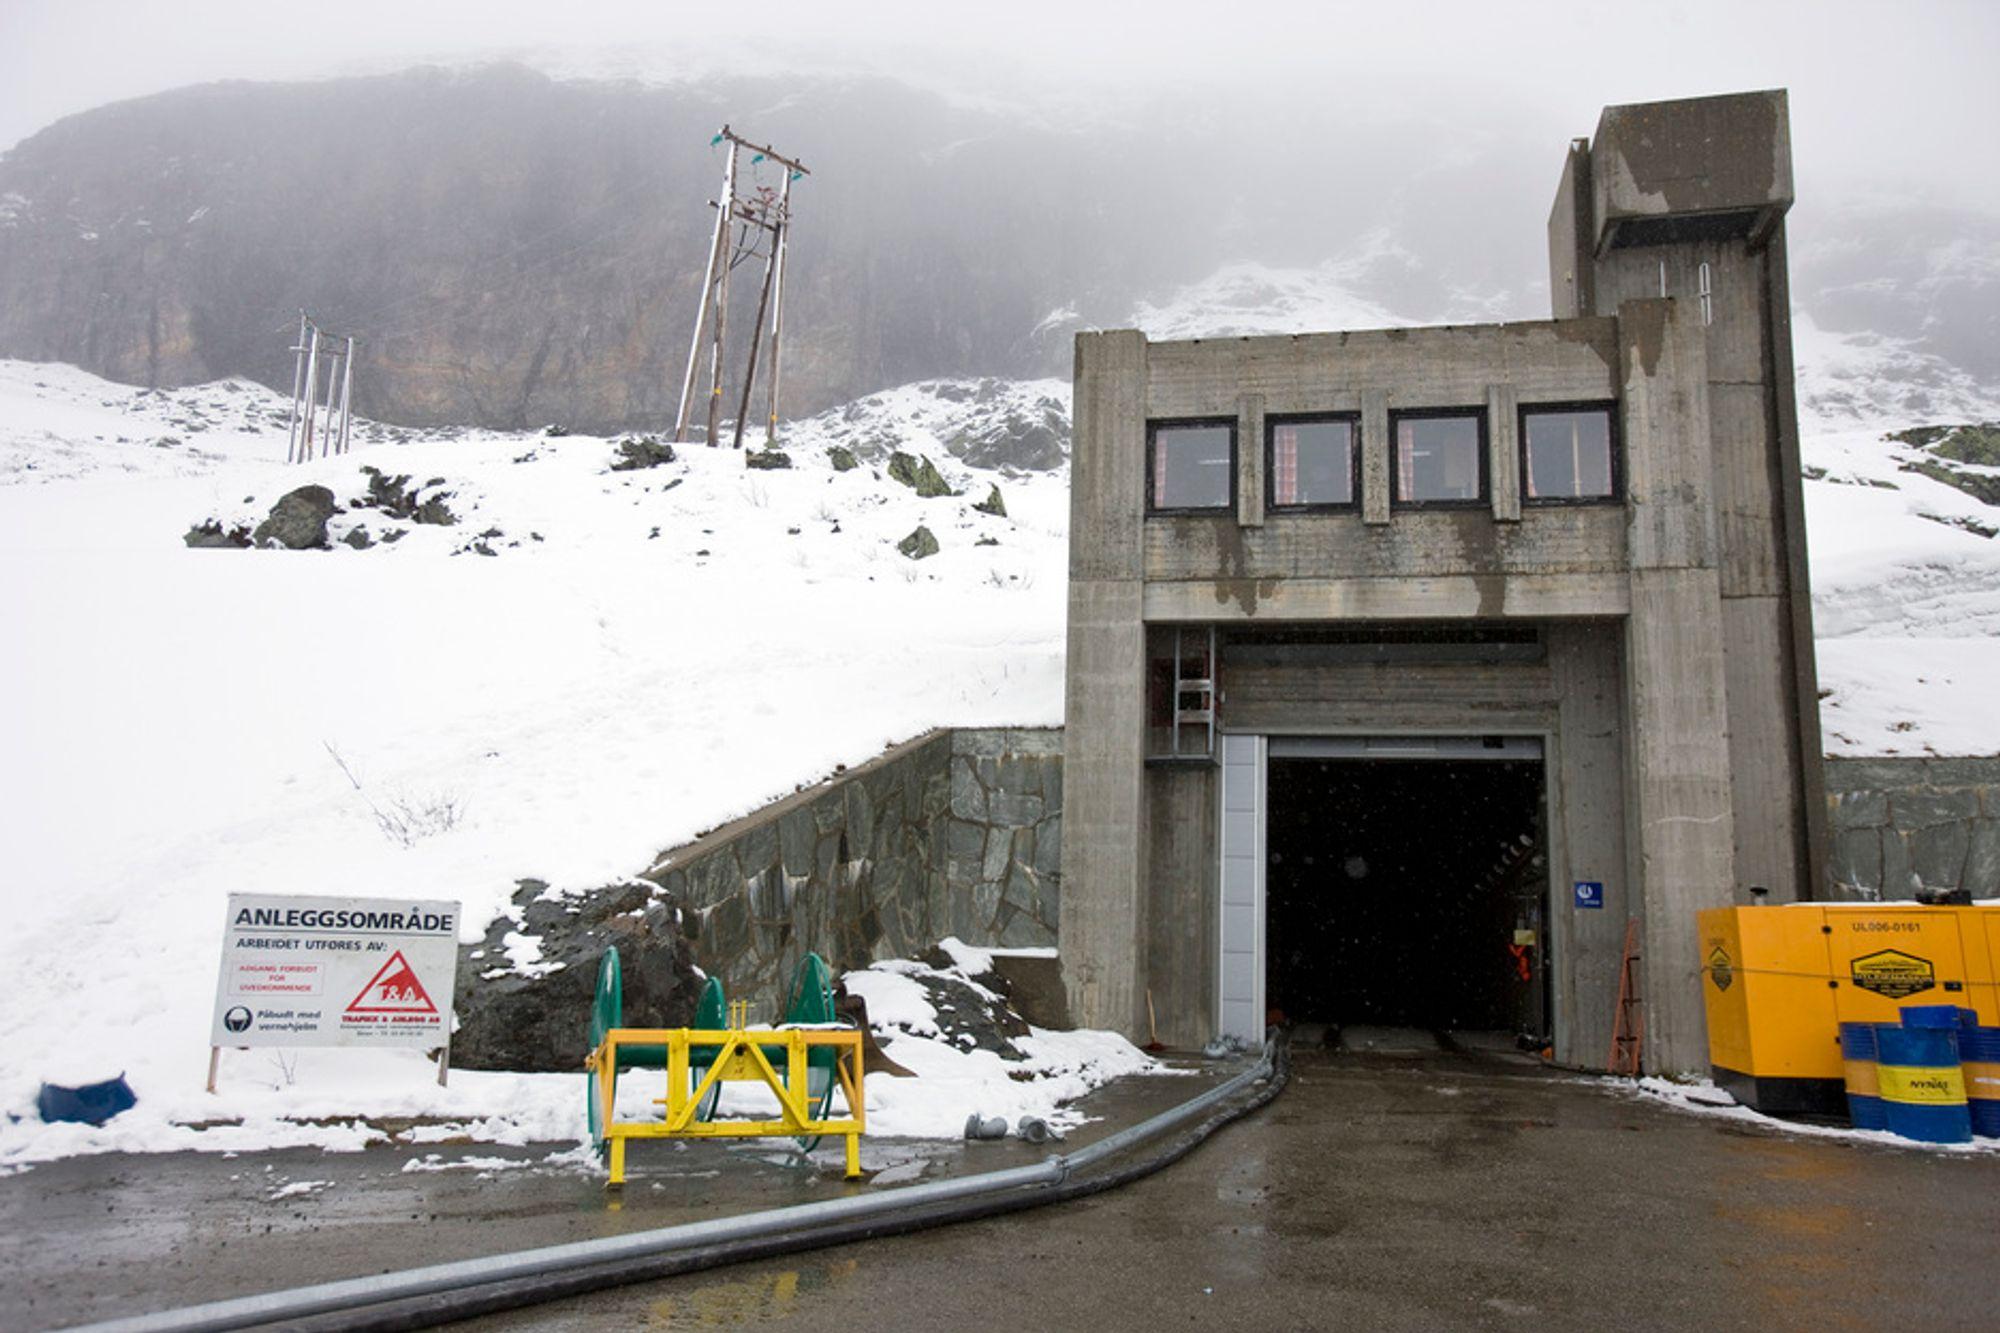 KRAFTINNTEKTER: Kommuner med kraftverk får beholde sin konsesjonskraft og inntektene fra denne. Pengene sikrer mange norske utkantkommuner. her fra Svandalsflona kraftverk i Røldal, Odda Kommune.